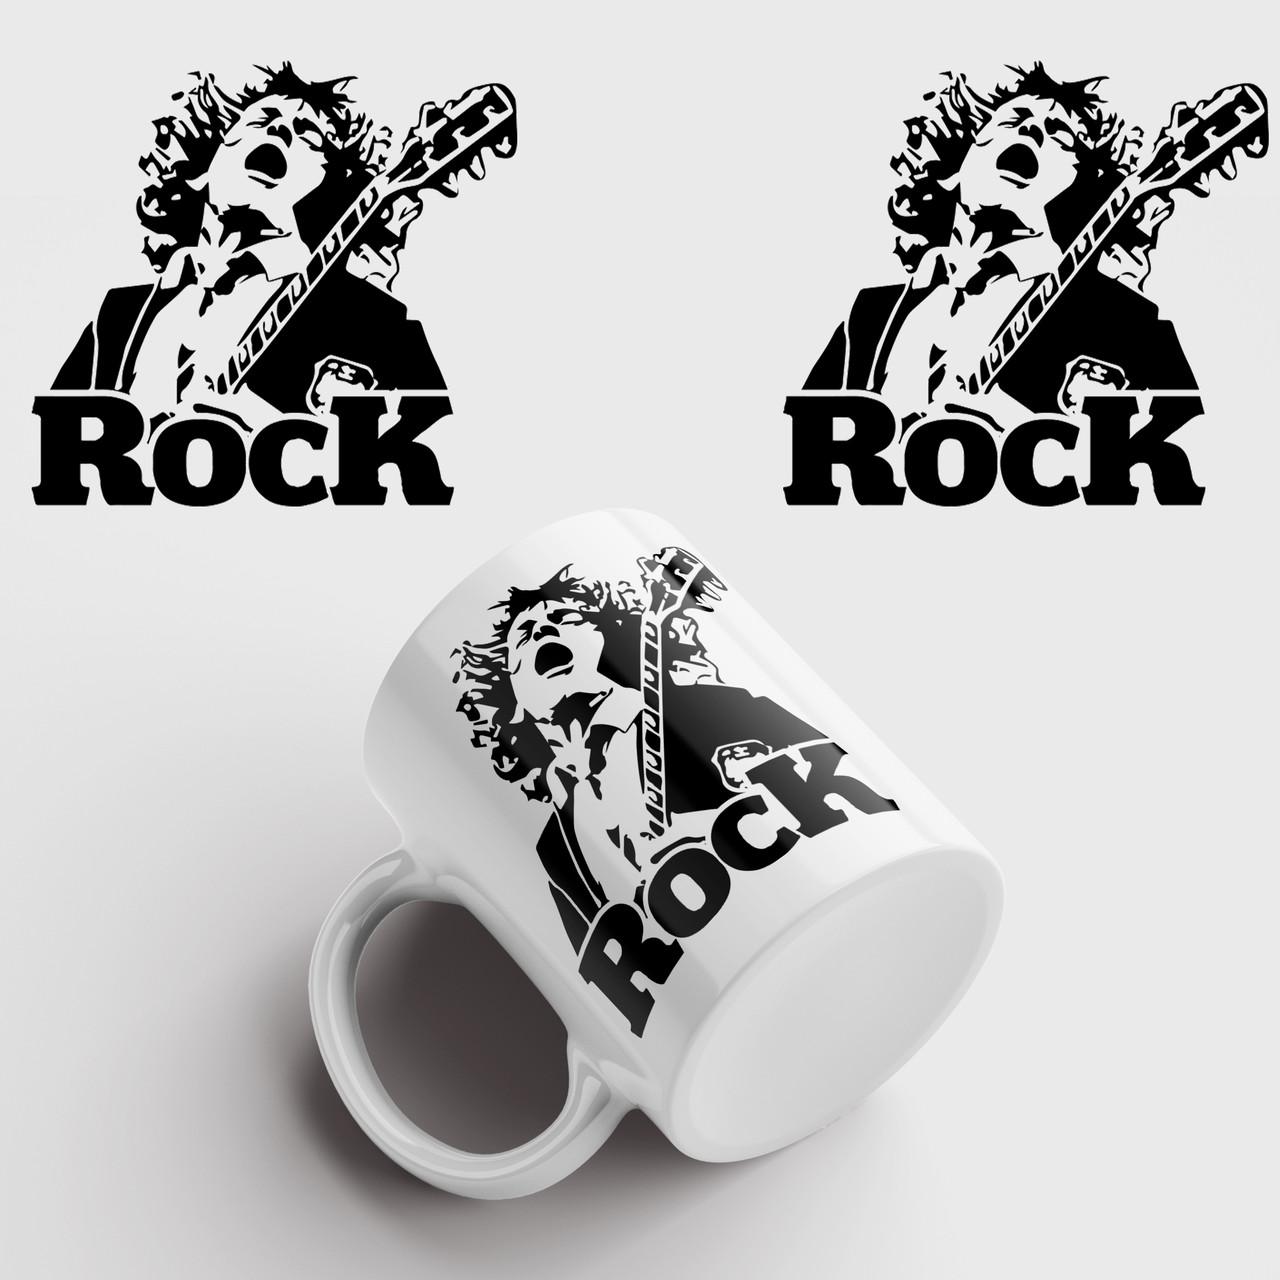 Кружка с принтом AC/DC. Rock. Рок. Чашка с фото